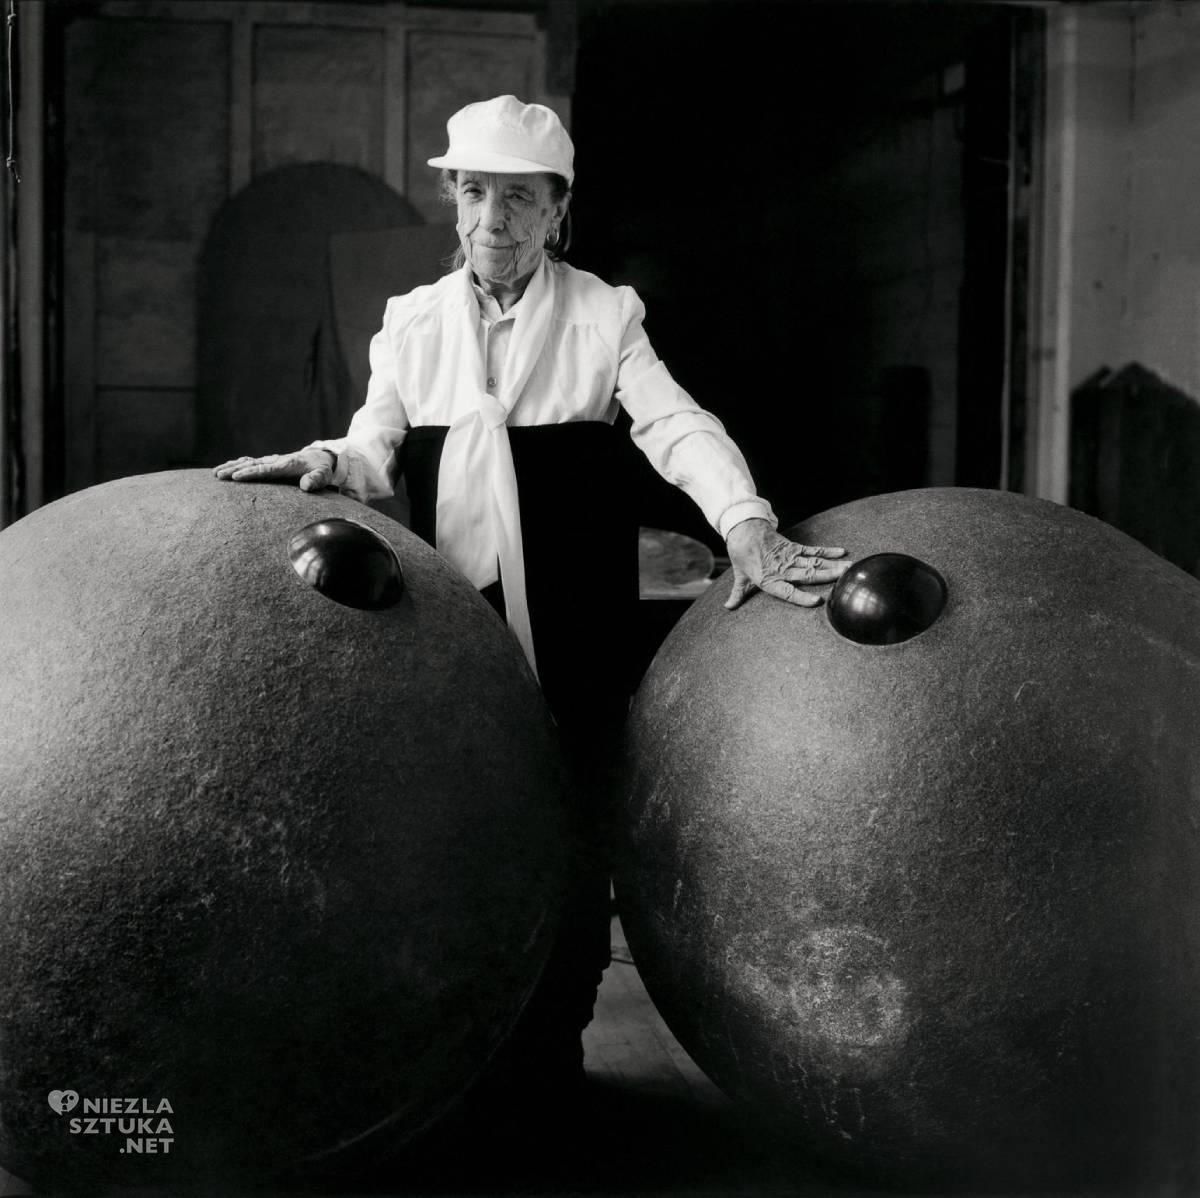 Louise Bourgeois, fotografia, kobiety w sztuce, Niezła Sztuka